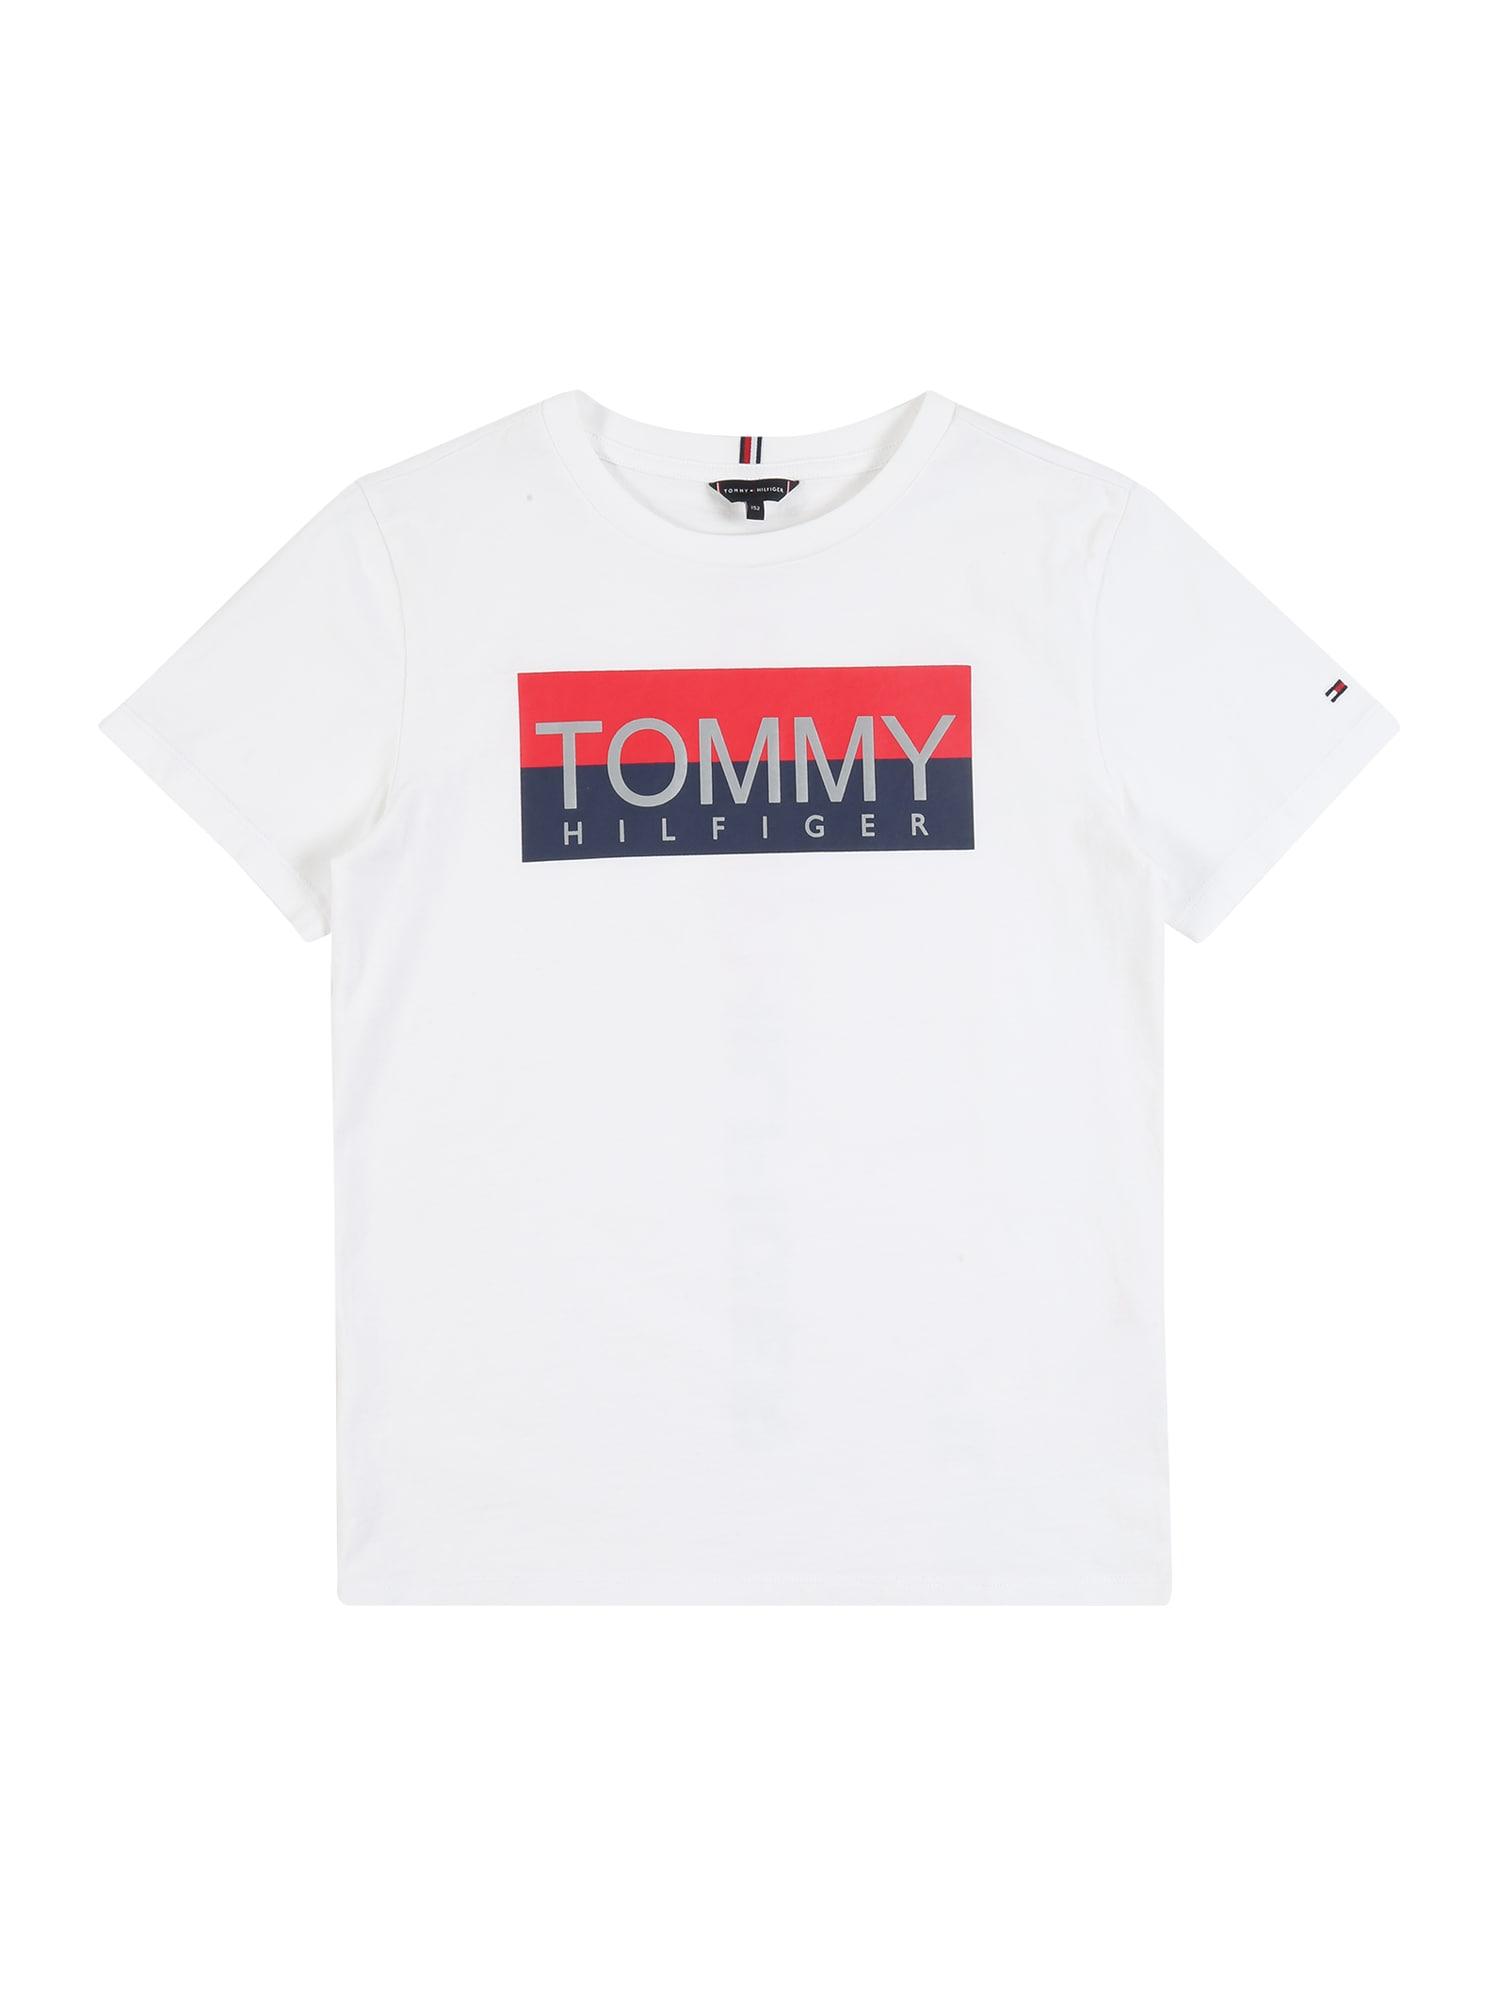 TOMMY HILFIGER Tričko  bílá / červená / modrá